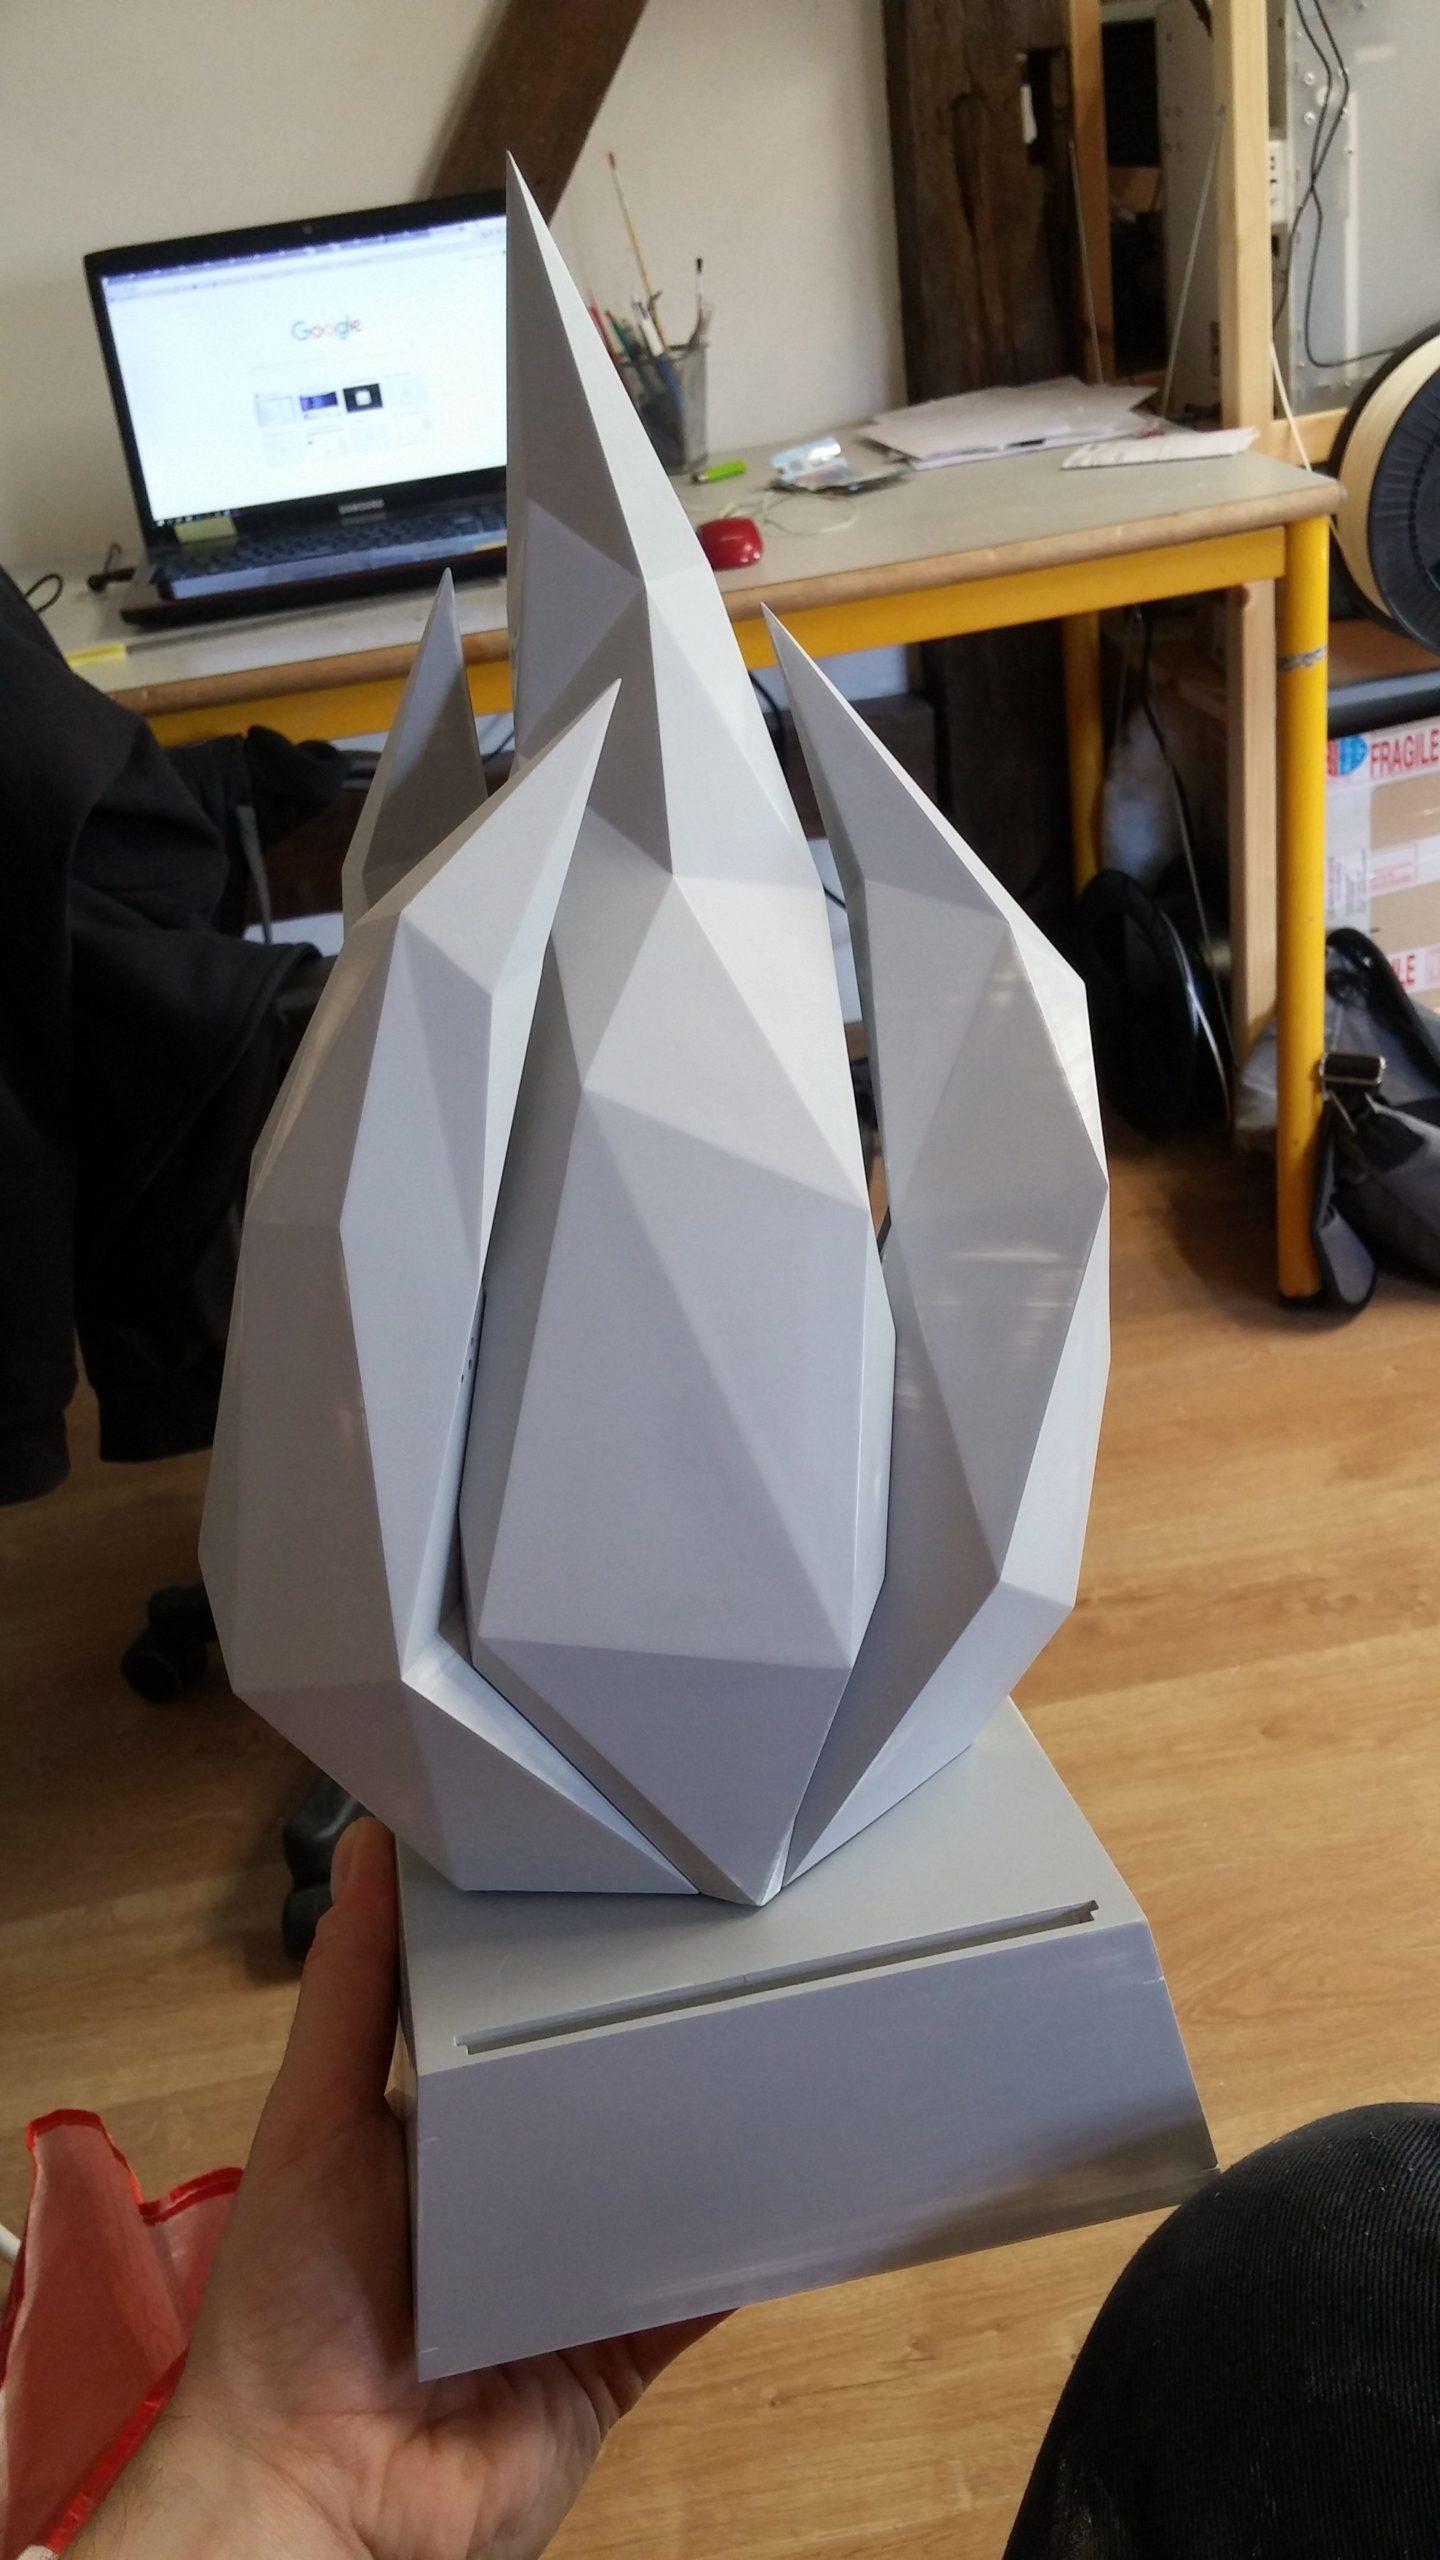 Premier assemblage du prototype du trophée e-sport 2018